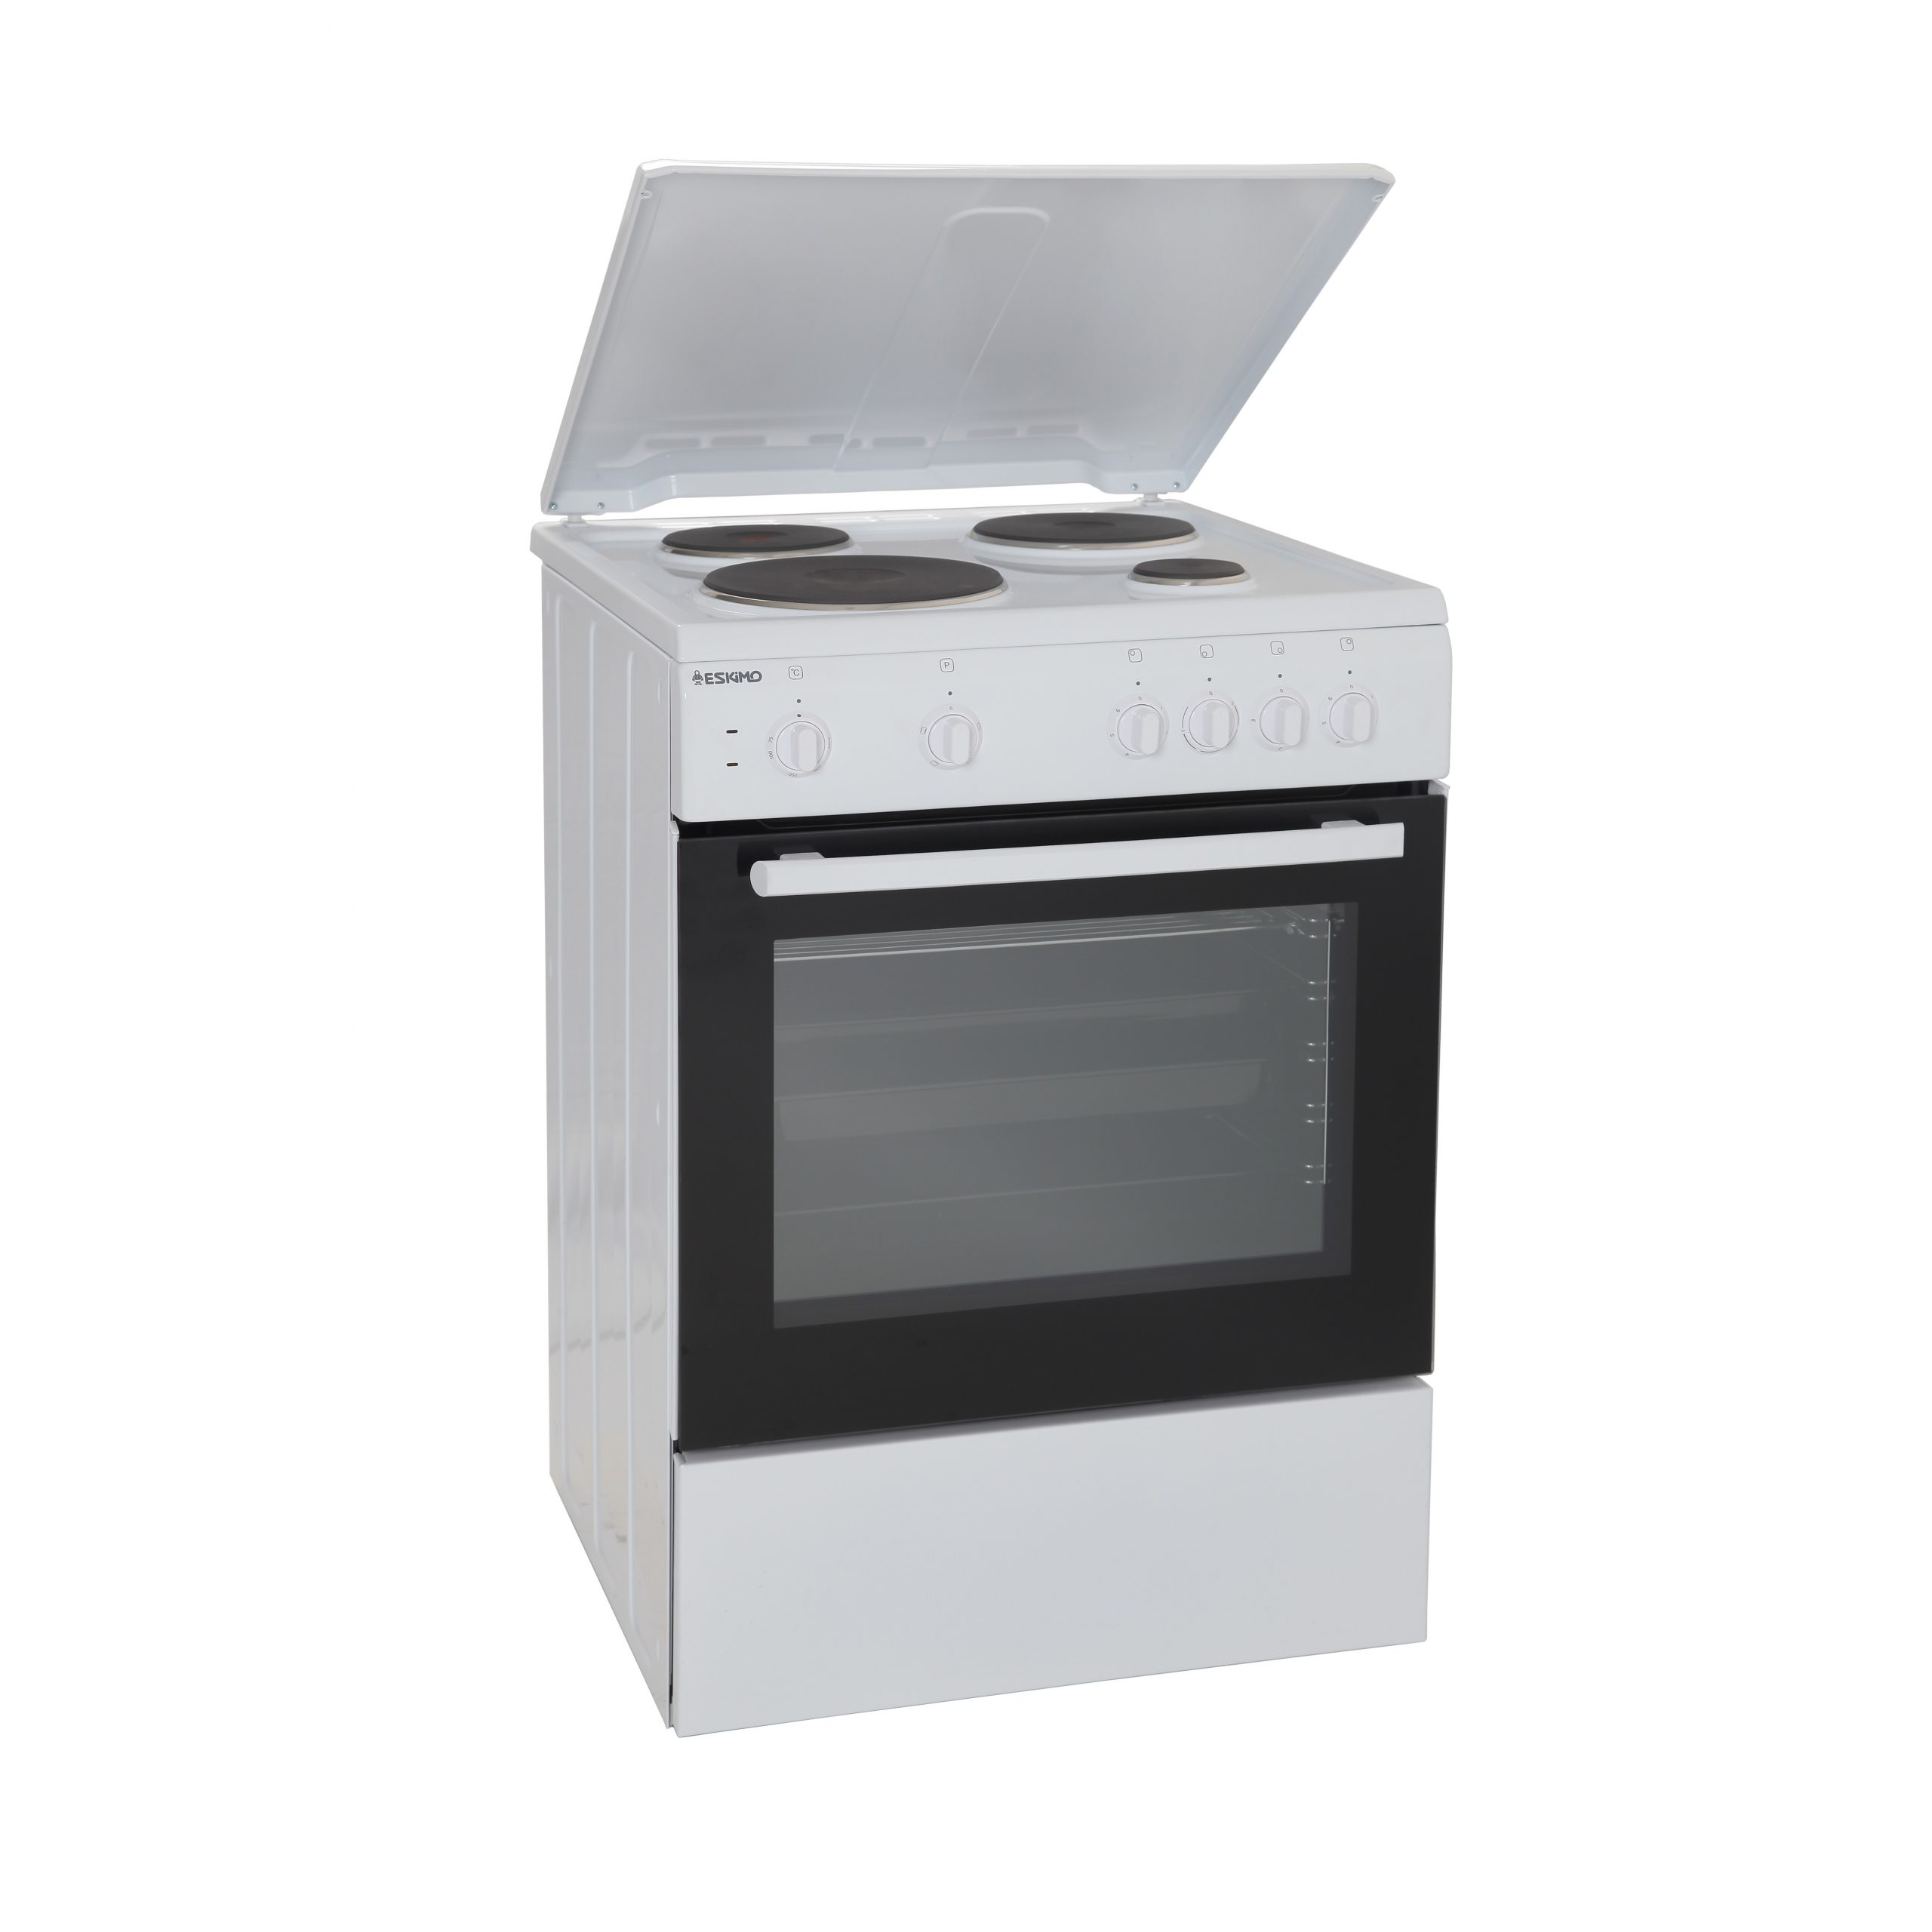 Eskimo Κουζίνα ES 4010 W